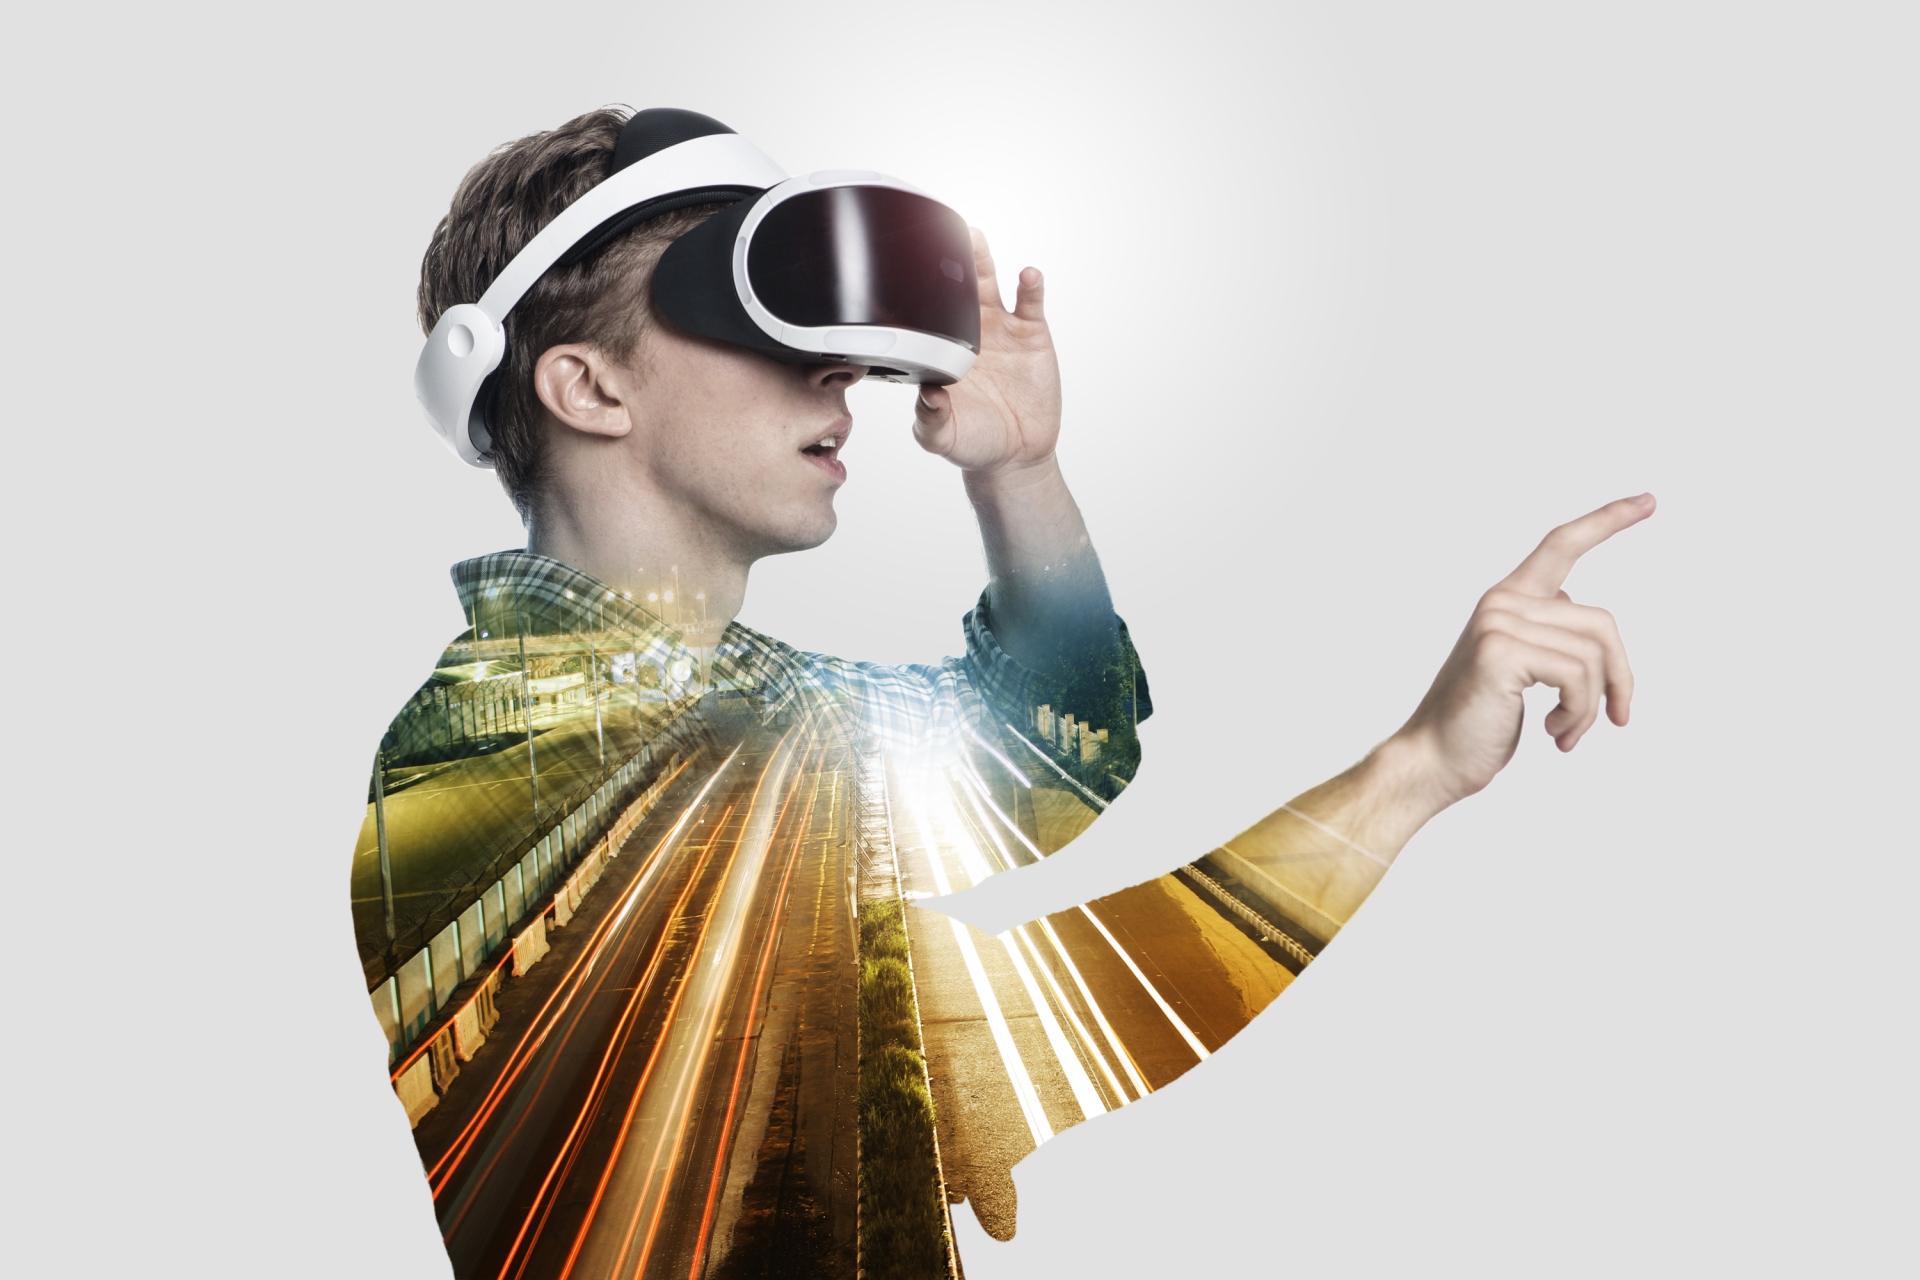 VRゴーグルのおすすめ8選!スマホ向けも【2020年版】